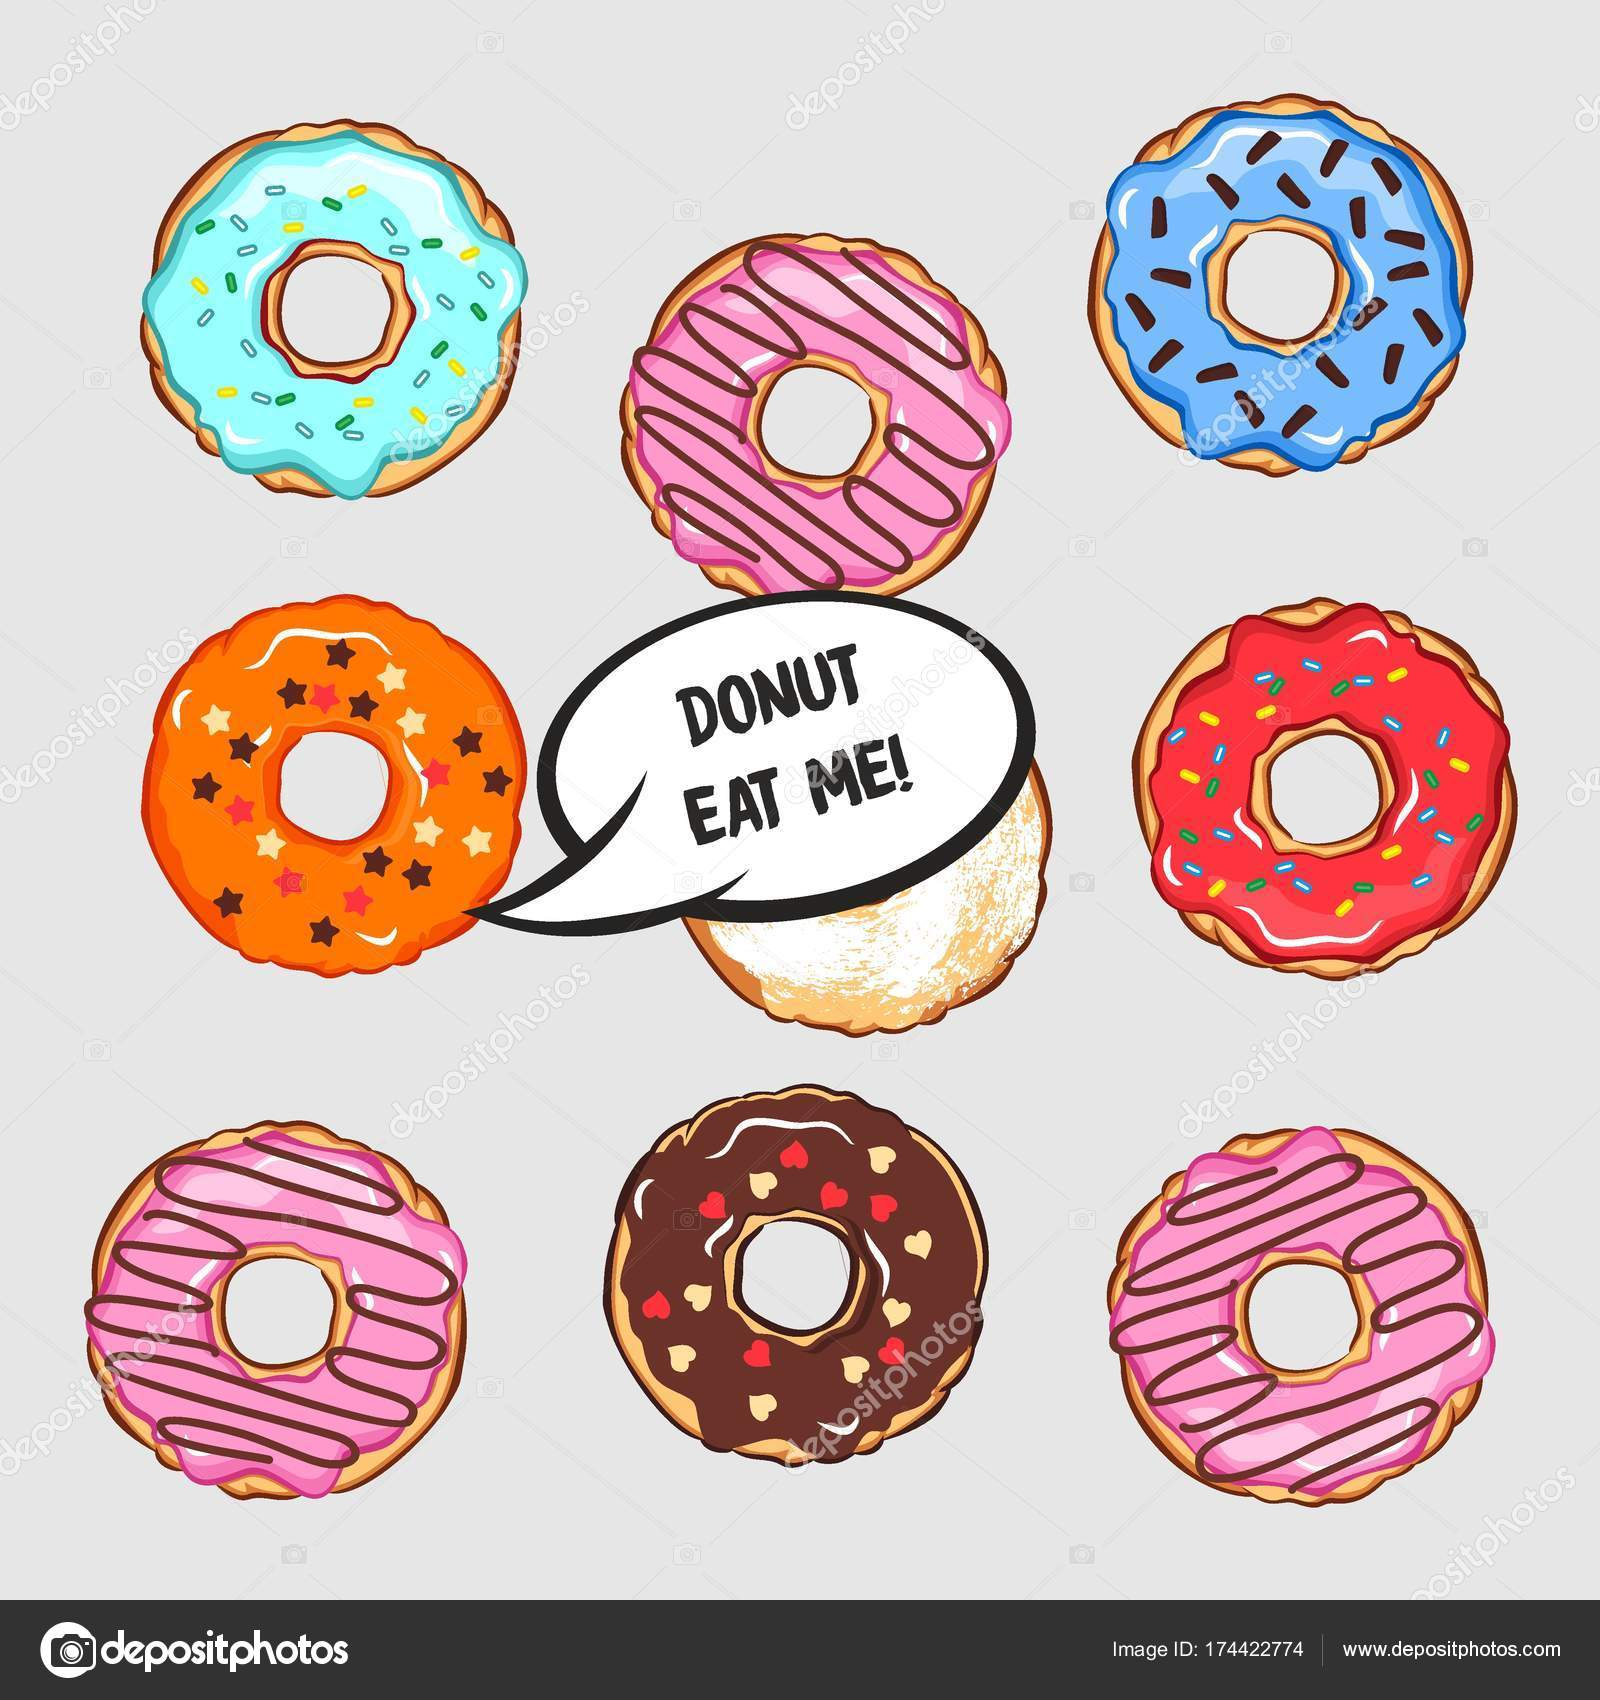 コミック クラウドとドーナツをレタリング色ドーナツのセットのベクトル